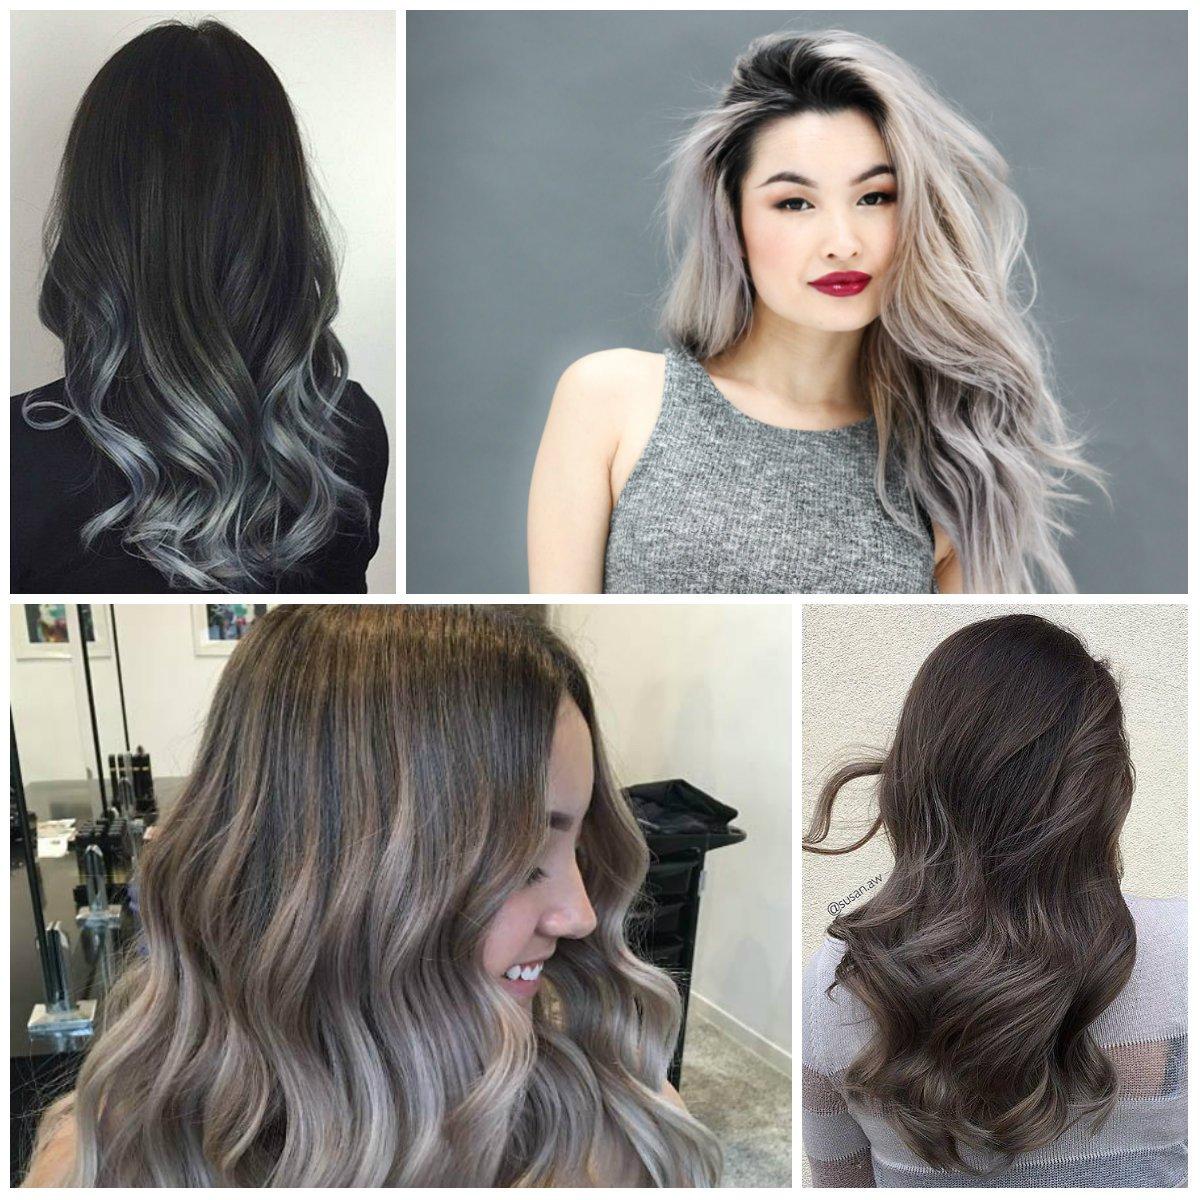 Dunkelblonde Haare mit Ombre Grau färben